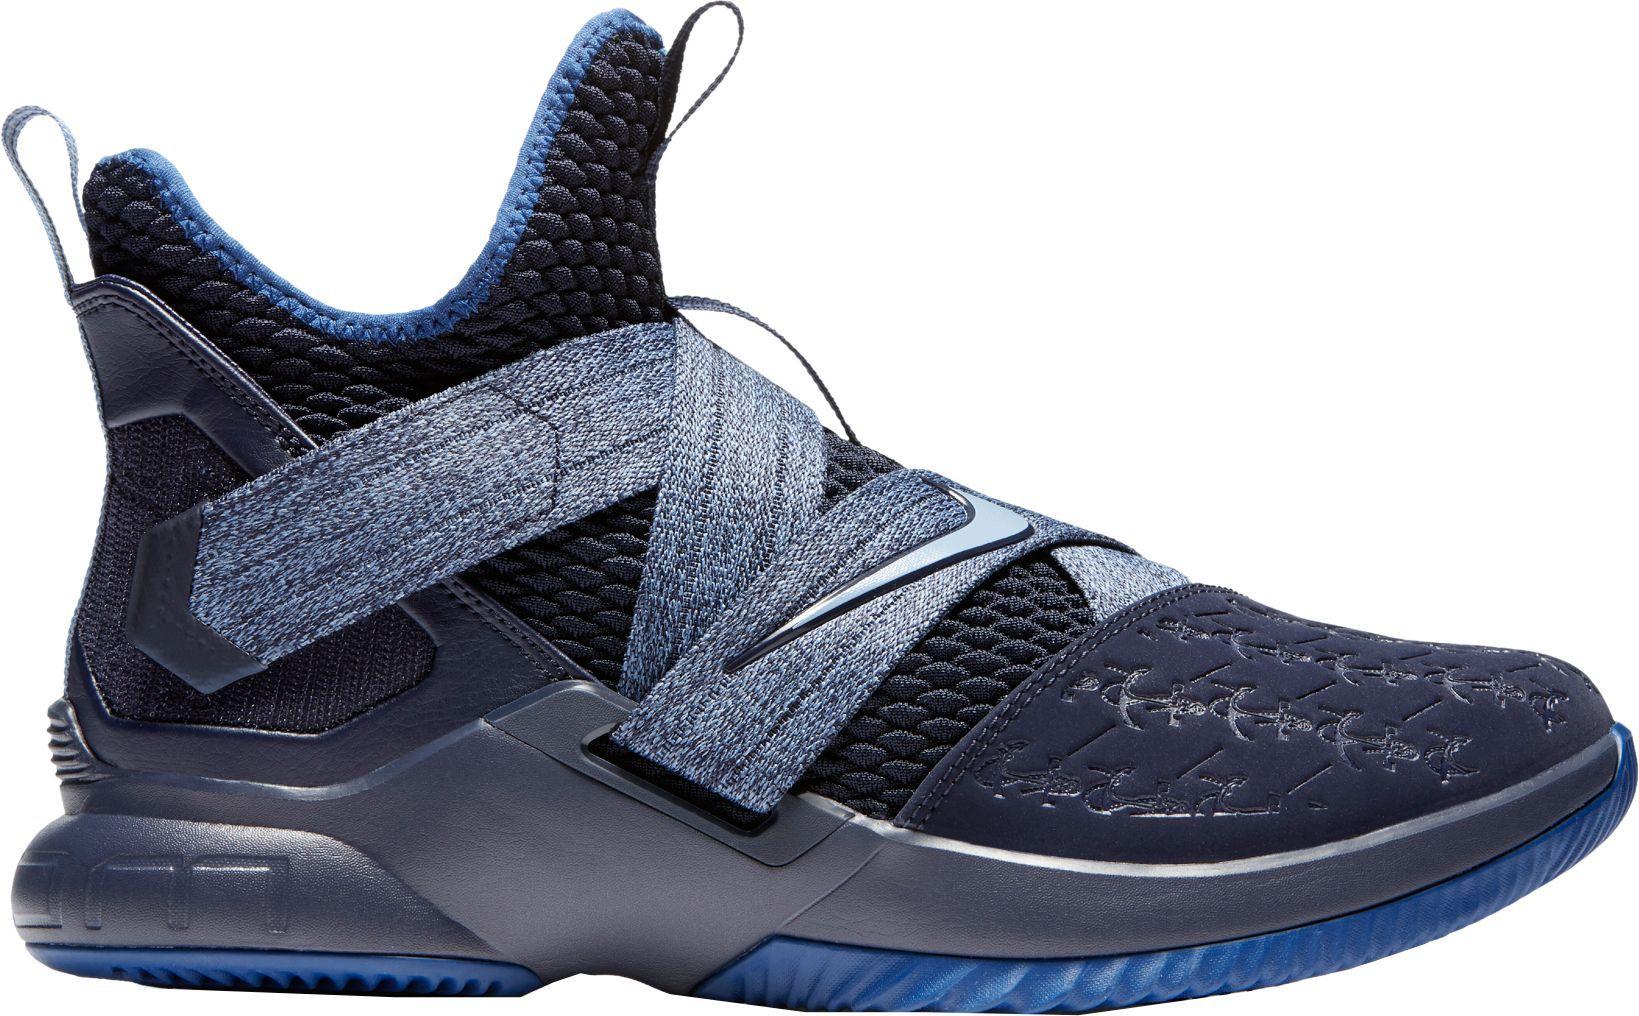 2e4b8d81e0e62c Nike Men s Zoom LeBron Soldier XII Basketball Shoes